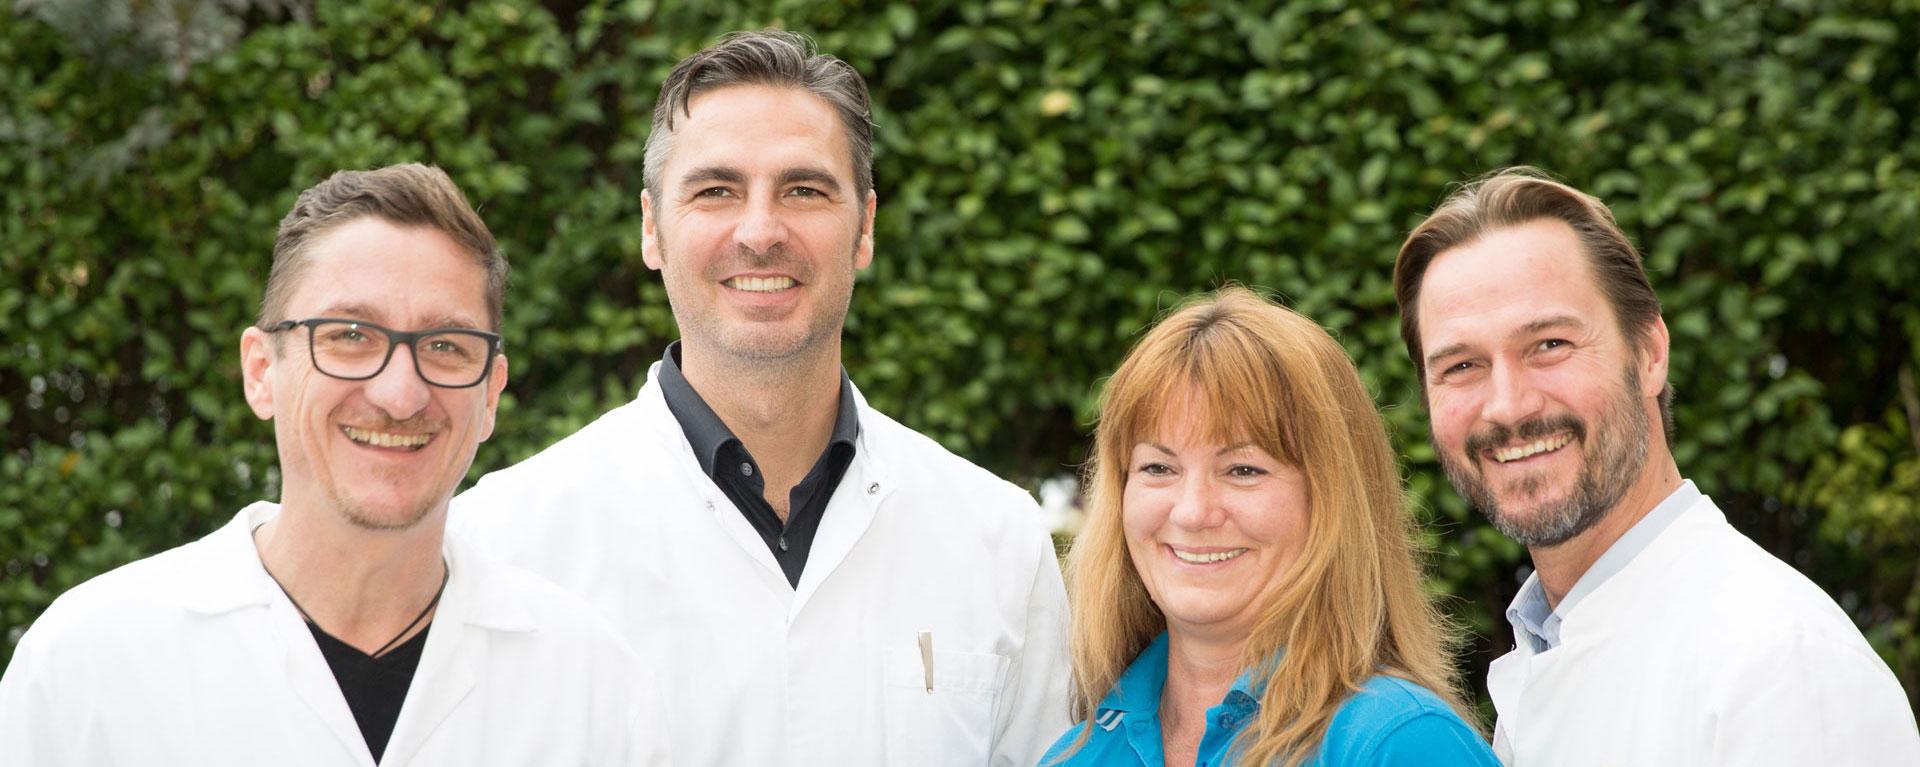 Stosswellenzentrum Linz - Team Dr. Markus Braun - Dr. Rainer Mittermayr - Anita Strempfl - Dr. Johannes Mayrhofer